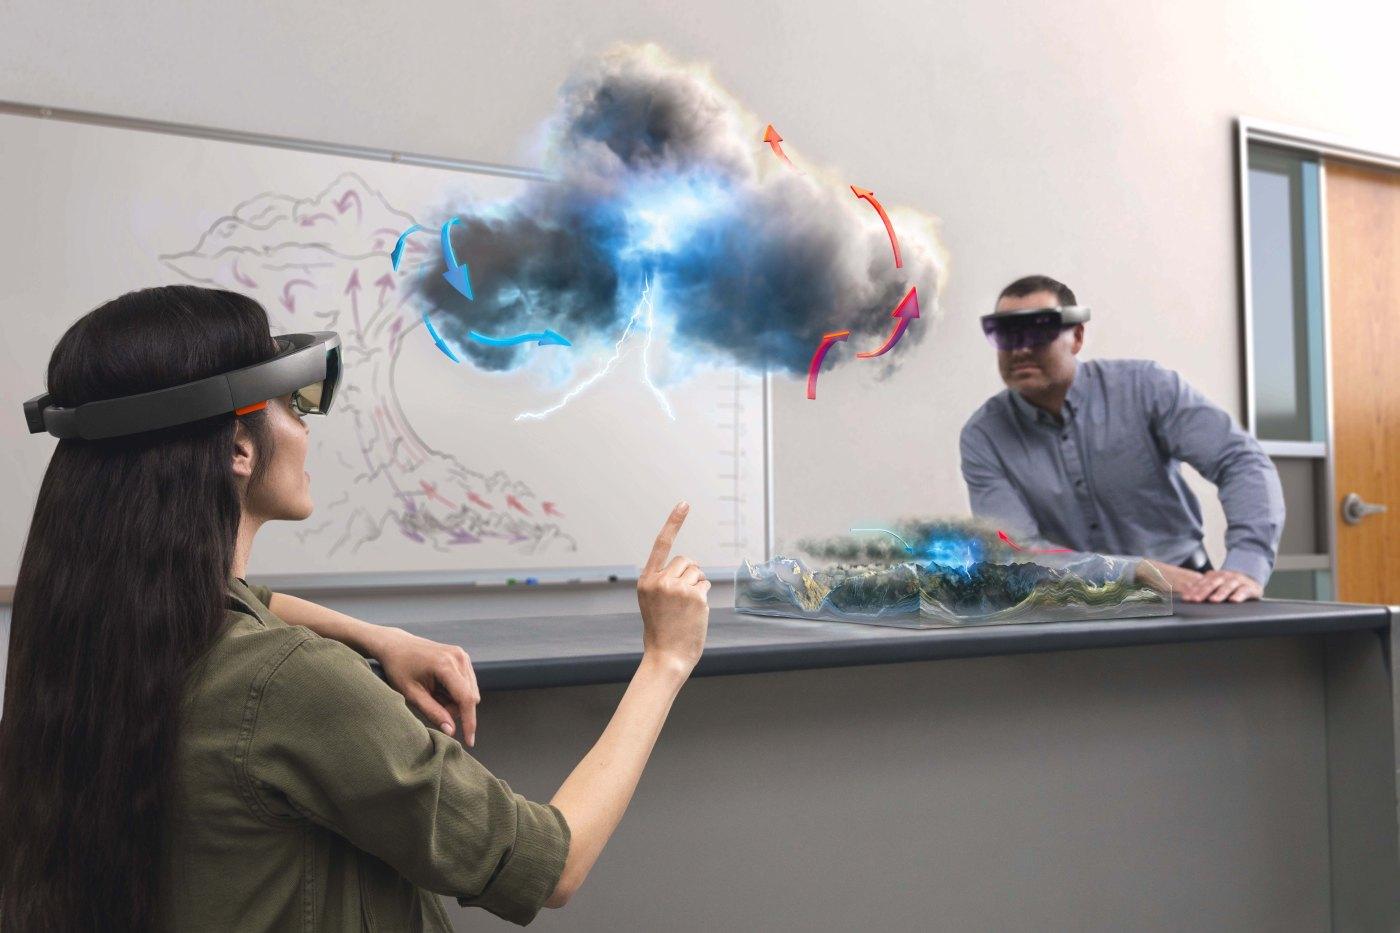 Dos personas observan virtualmente cómo se forma una tormenta eléctrica gracias a las gafas HoloLens de Microsoft. FOTO: HOLOLENS MICROSOFT.